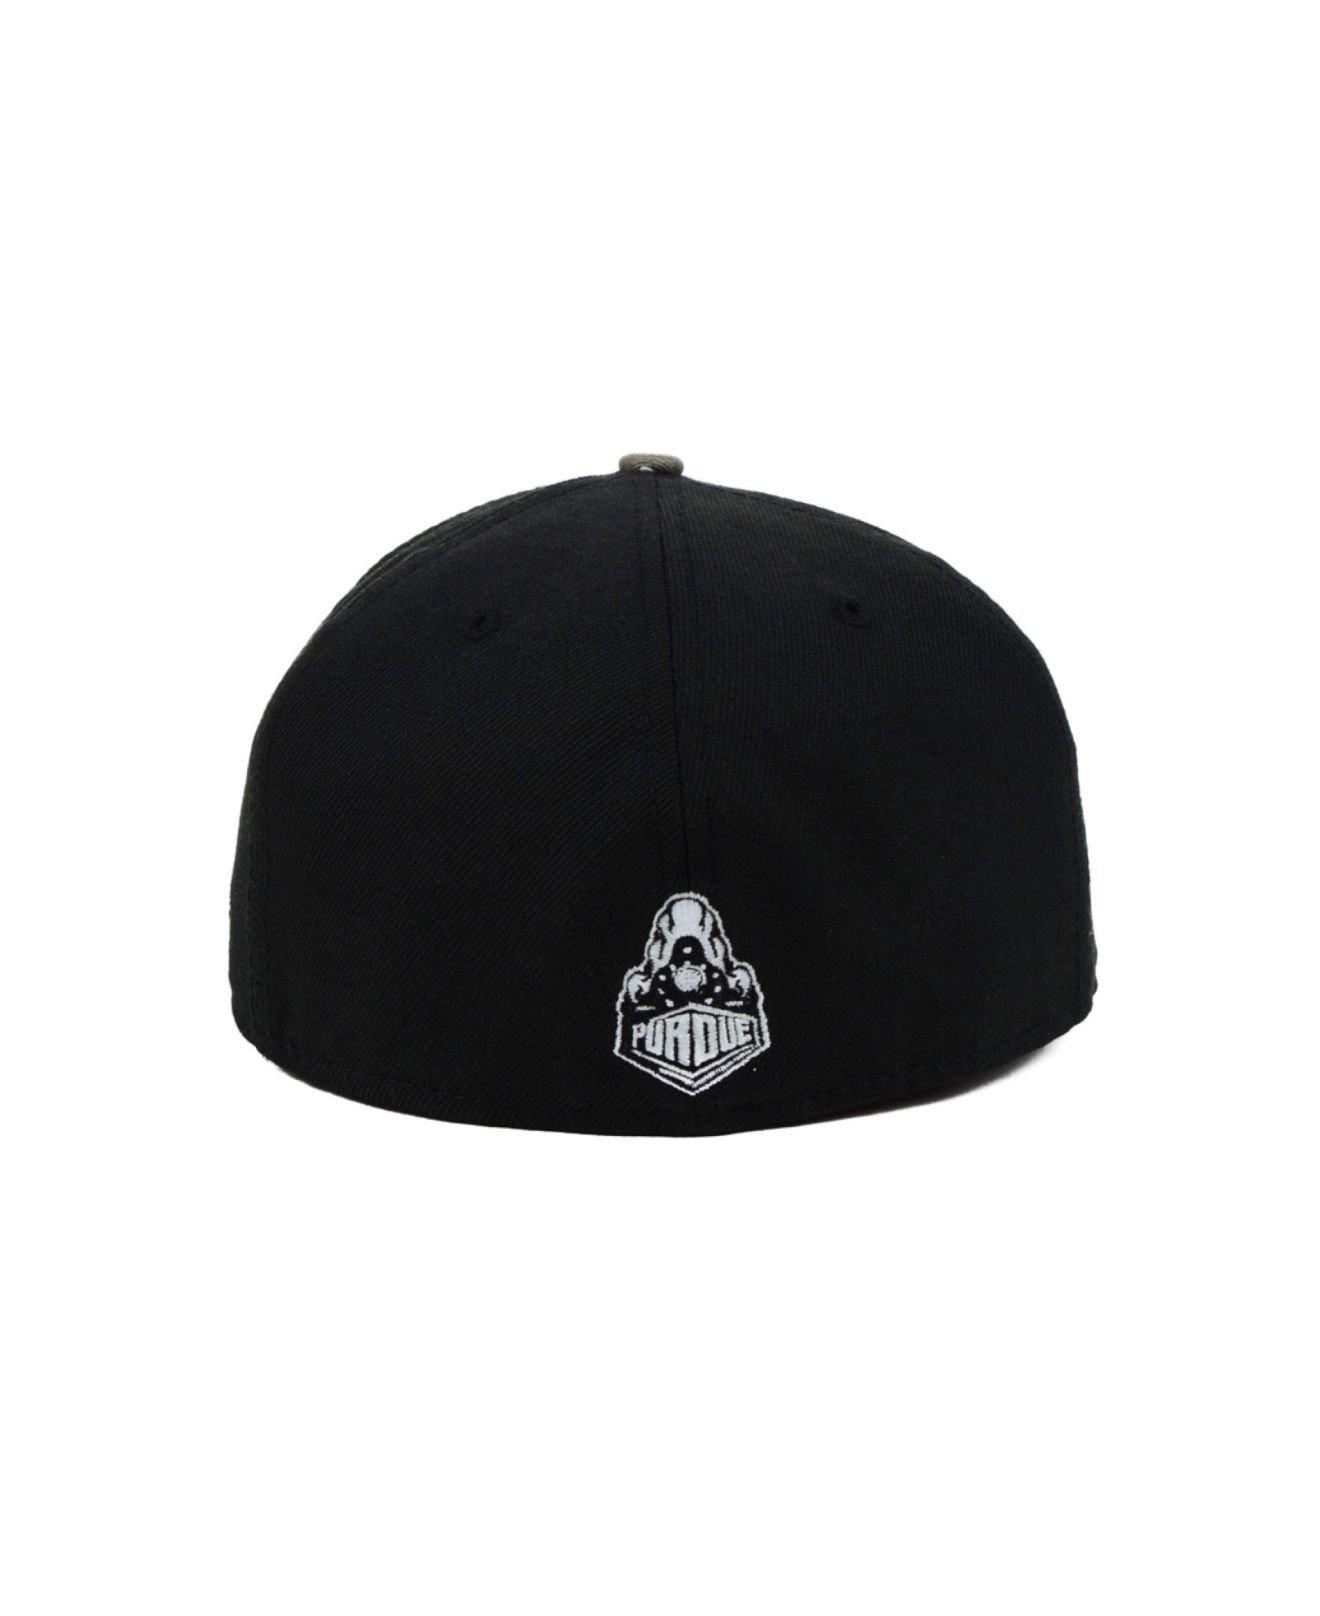 sale retailer 6f13e 198fb ... discount lyst ktz purdue boilermakers ncaa urban camo 59fifty cap in  white 8e41f 58e88